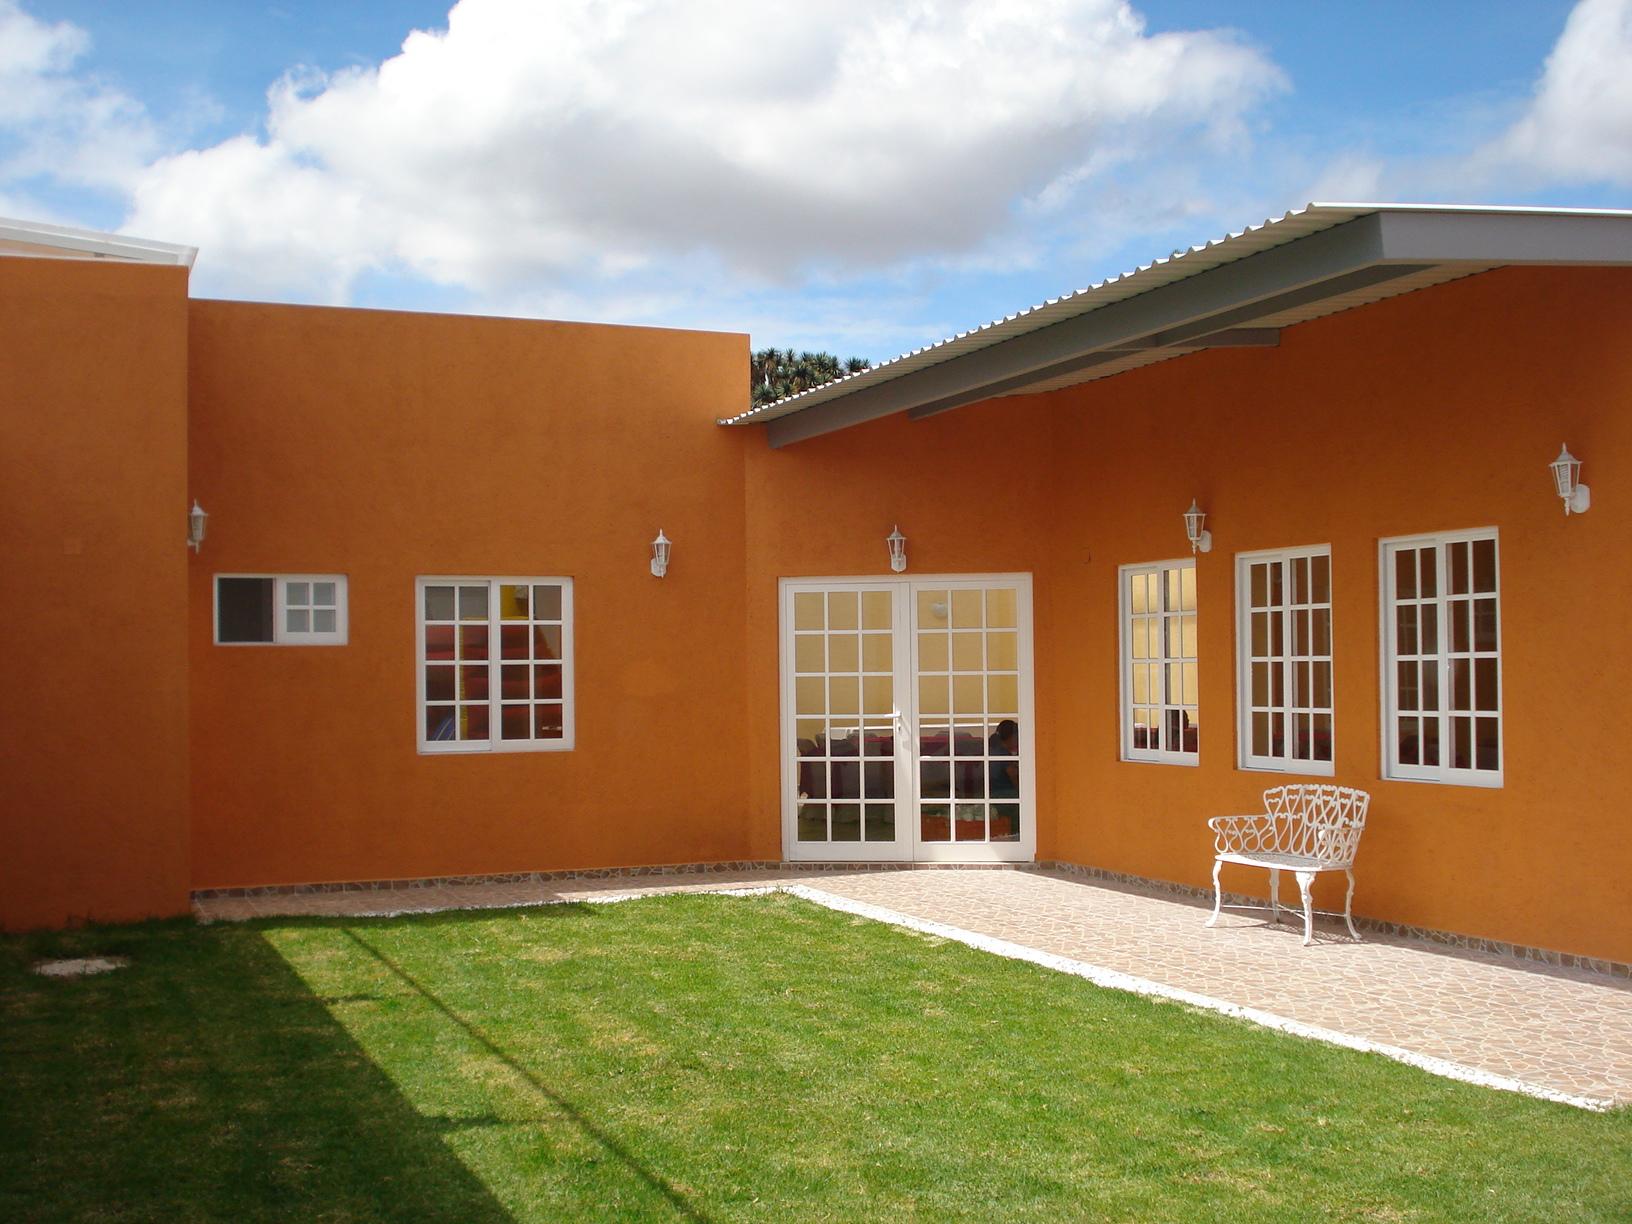 Portada salon los naranjos toluca metepec for Salon jardin villa charra toluca